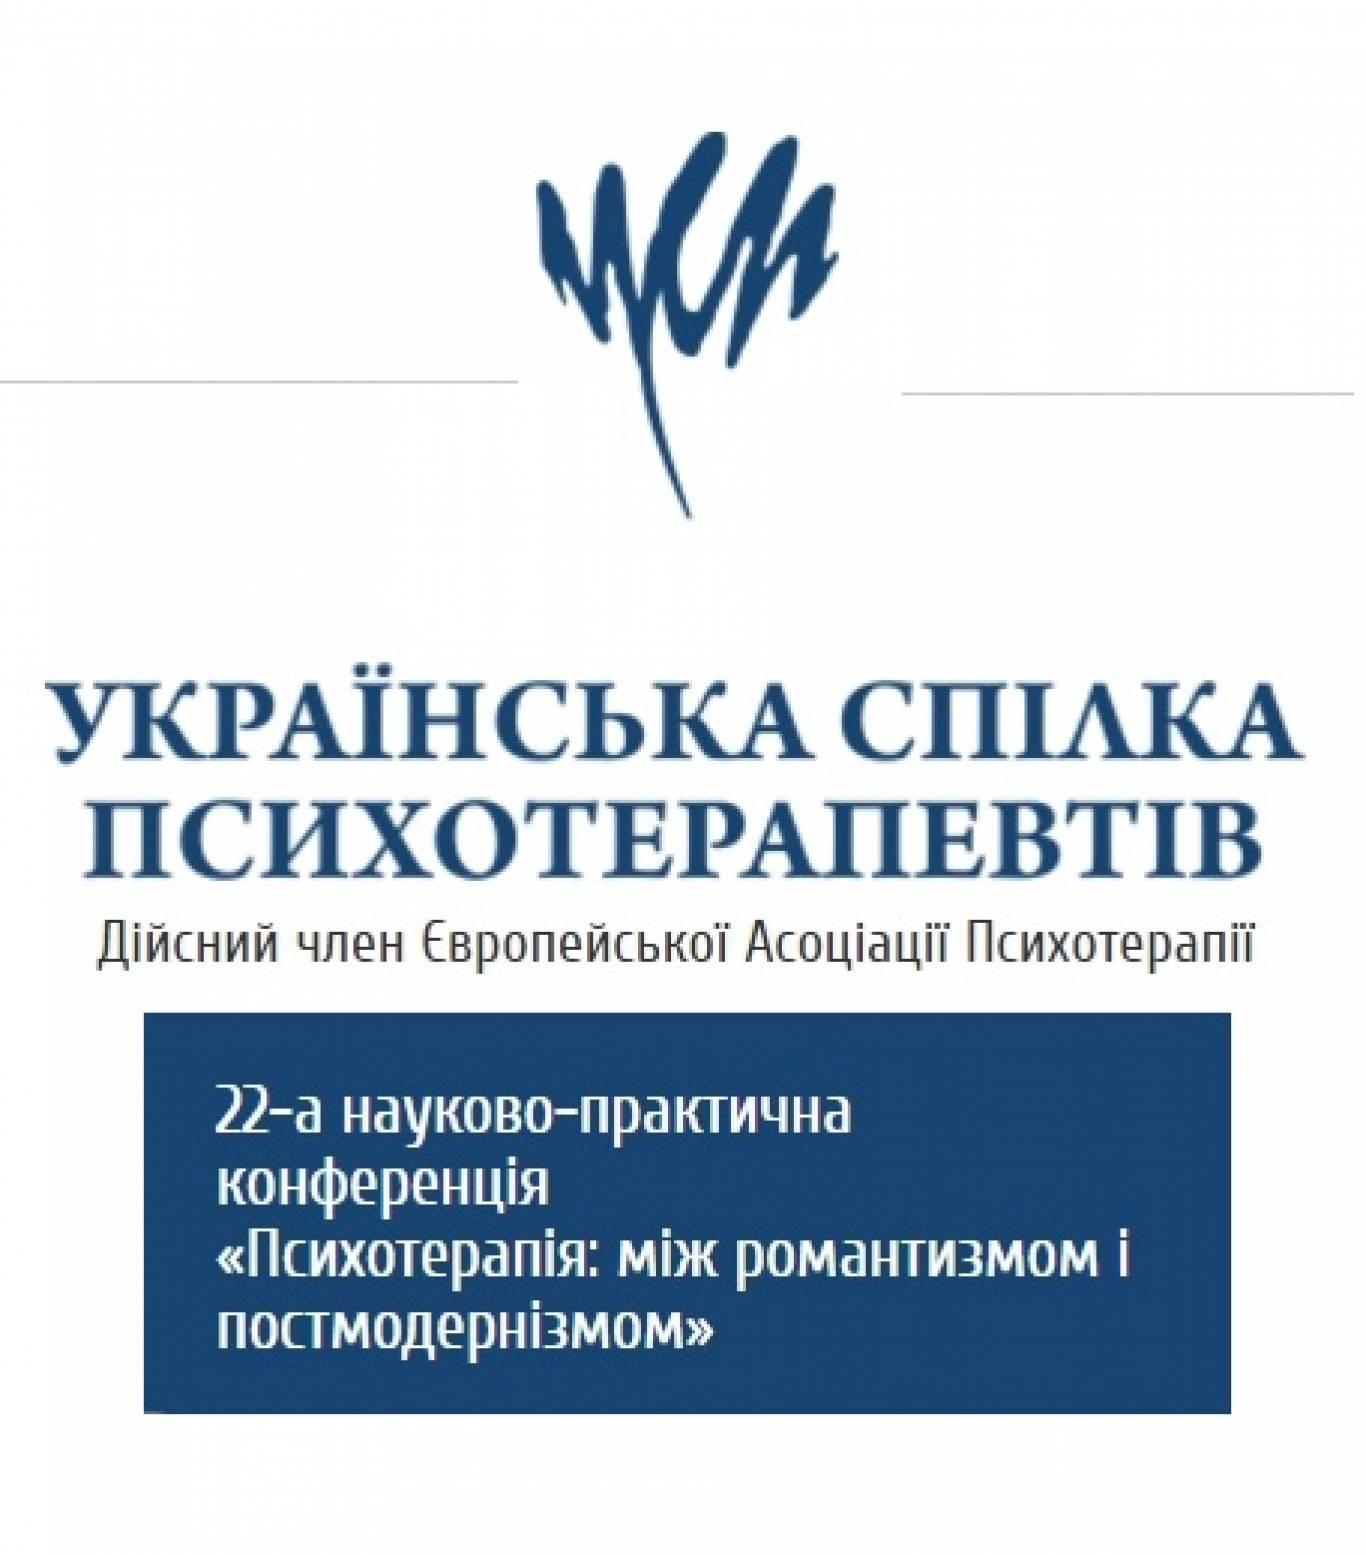 Практична конференція Української Спілки Психотерапевтів «Психотерапія: від романтизму до пост-модернізму»